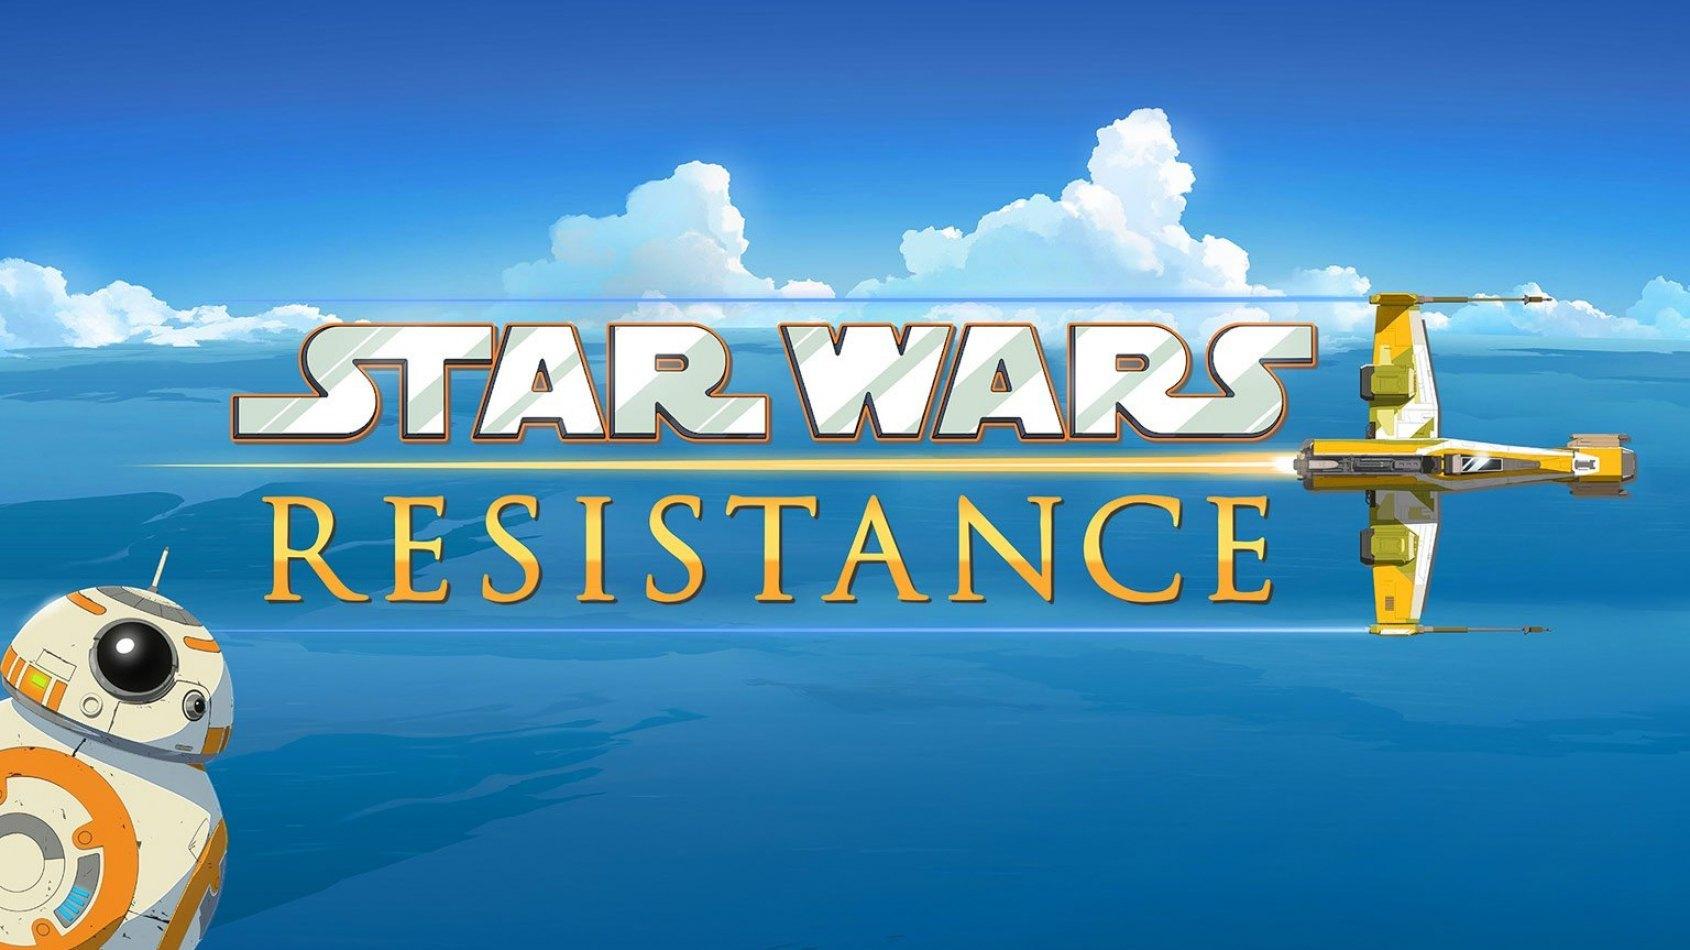 Les 11 Pour Resistance Synopsis Épisodes Et De Star 10 Wars wPXuTkOiZ